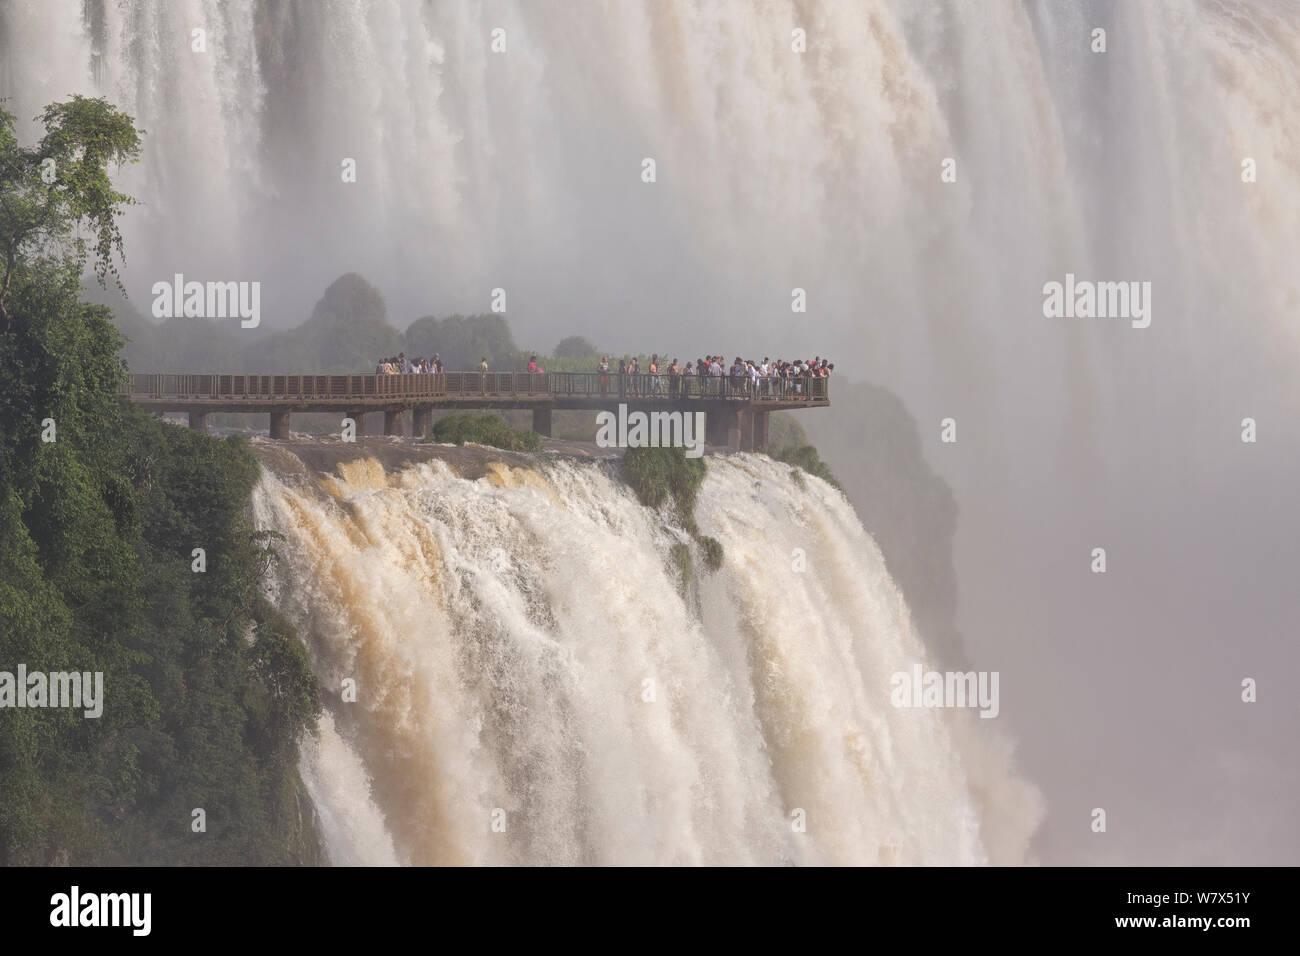 Chutes d'Iguazu et les touristes sur l'affichage de la plate-forme, d'Iguazu, le Parc National d'Iguaçu, Brésil, janvier 2014. Banque D'Images